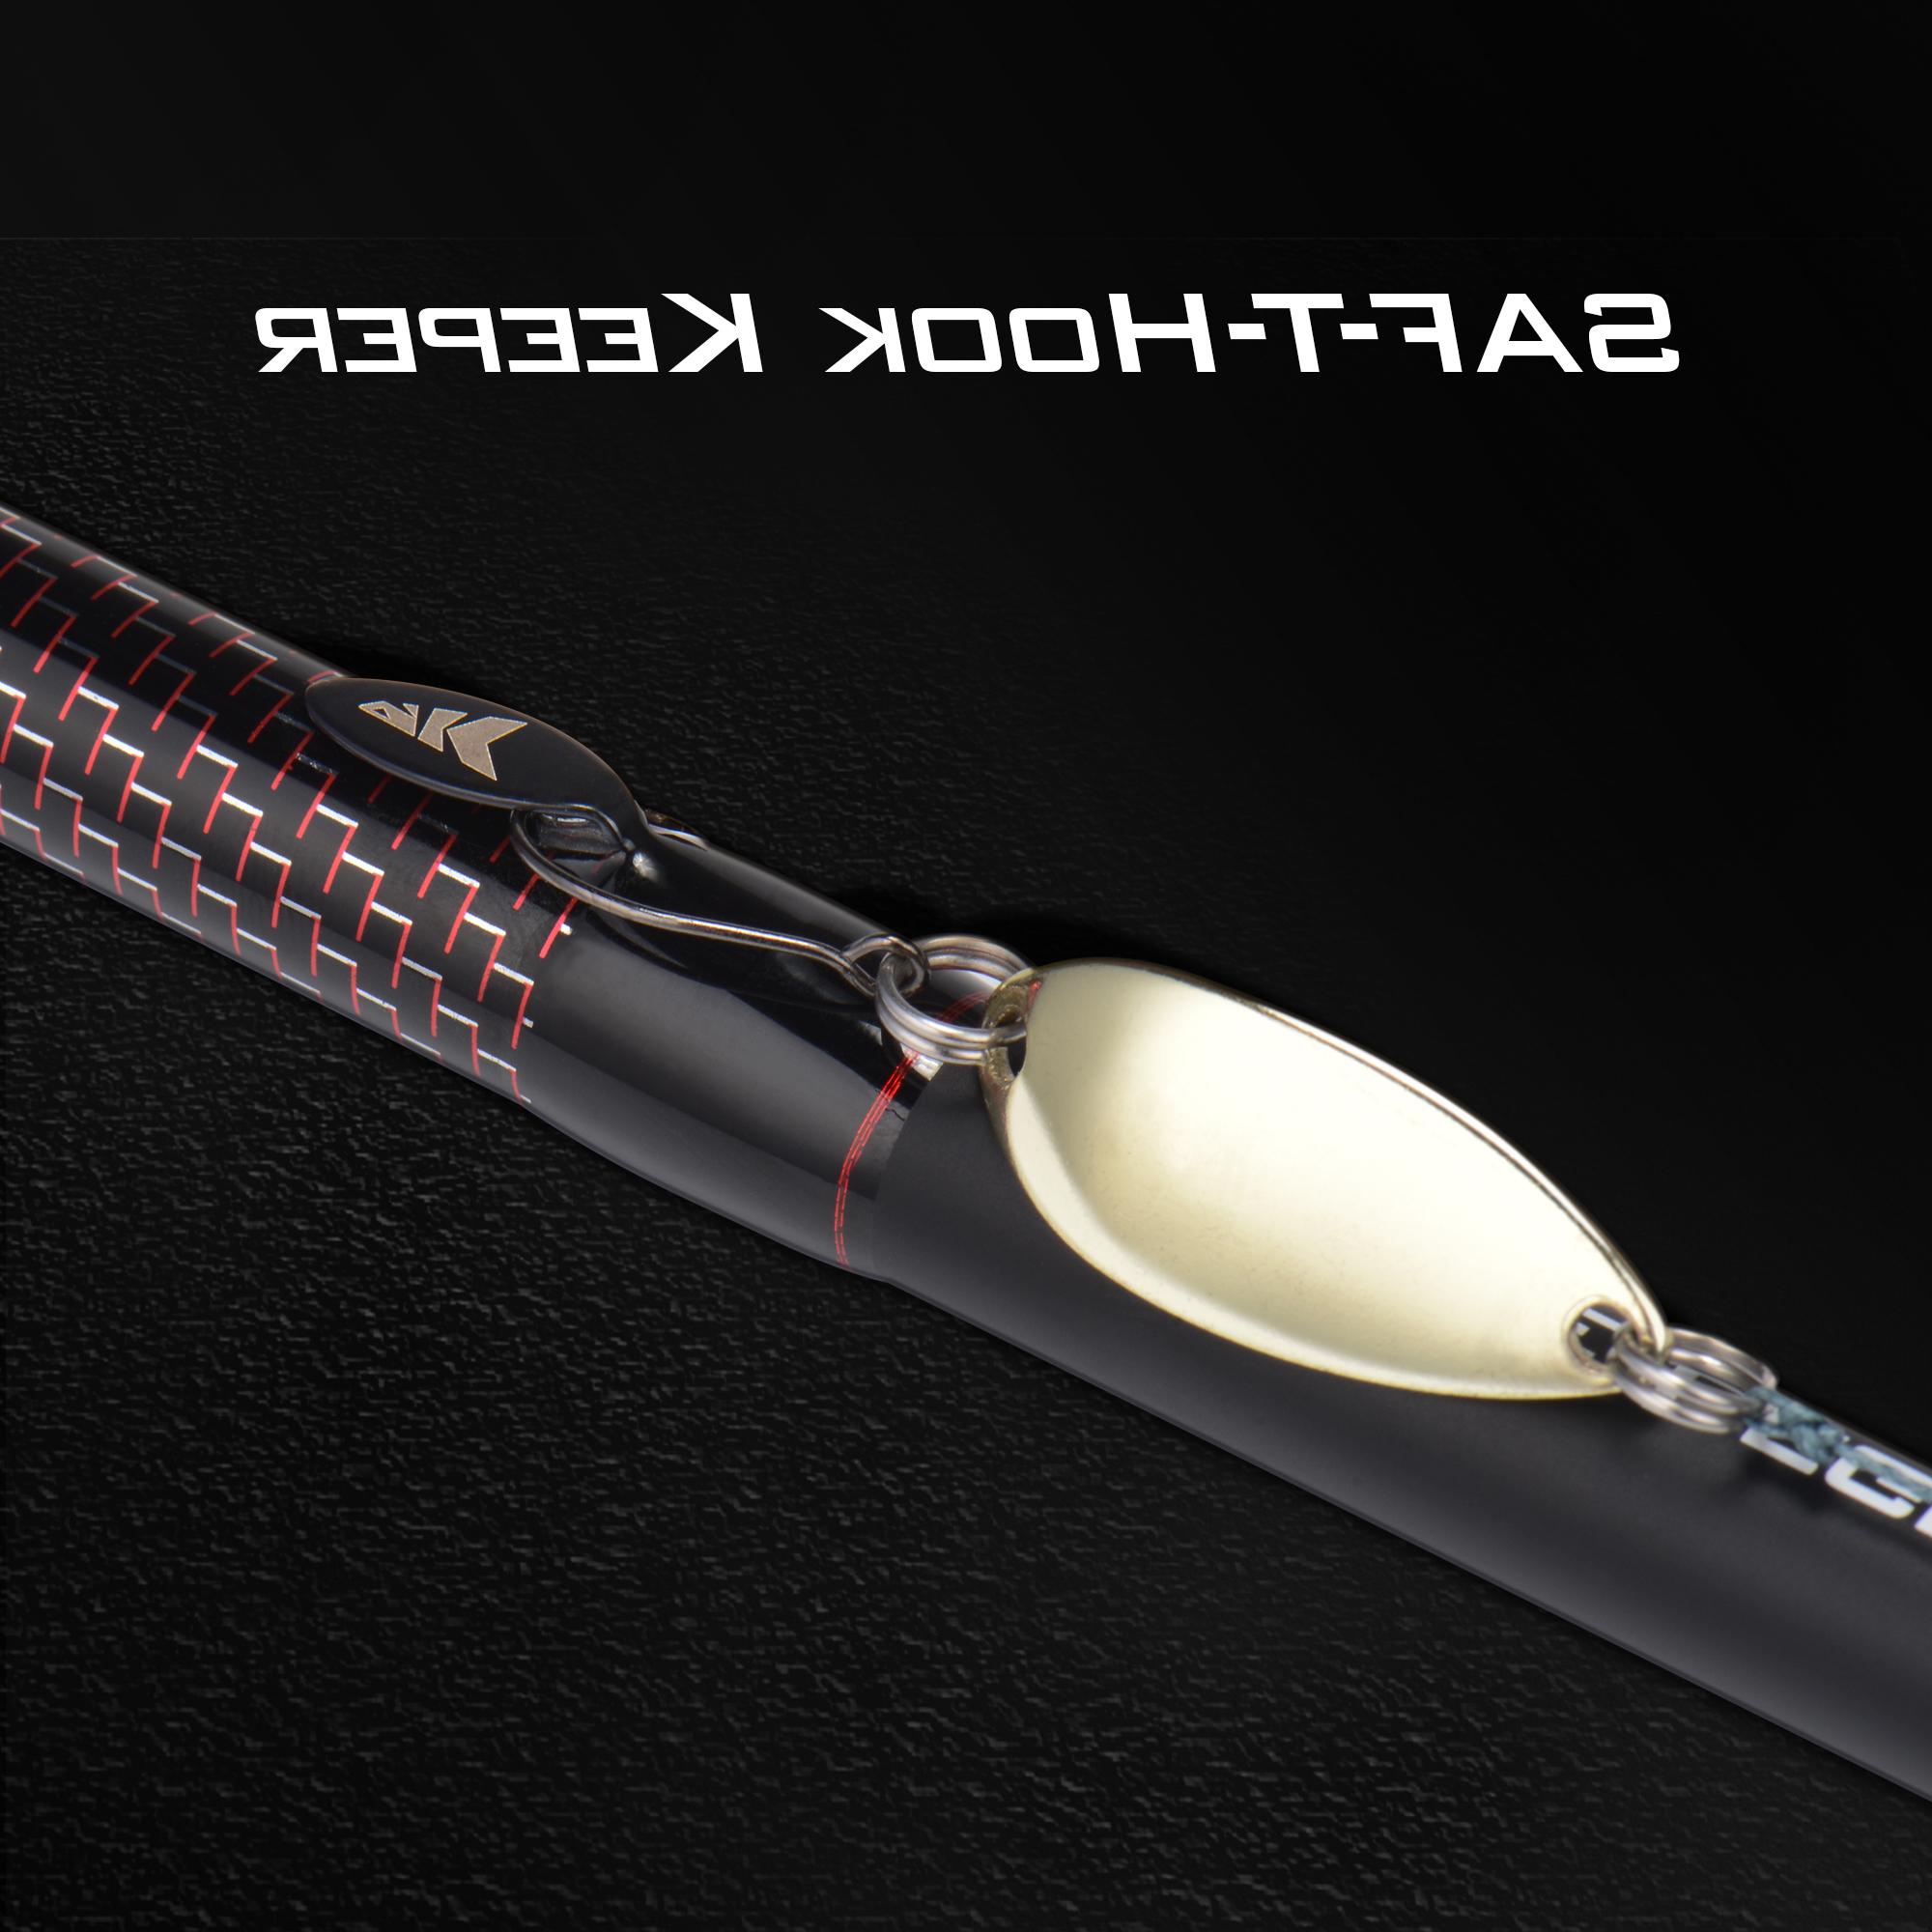 KastKing Royale Legend Fishing Rods